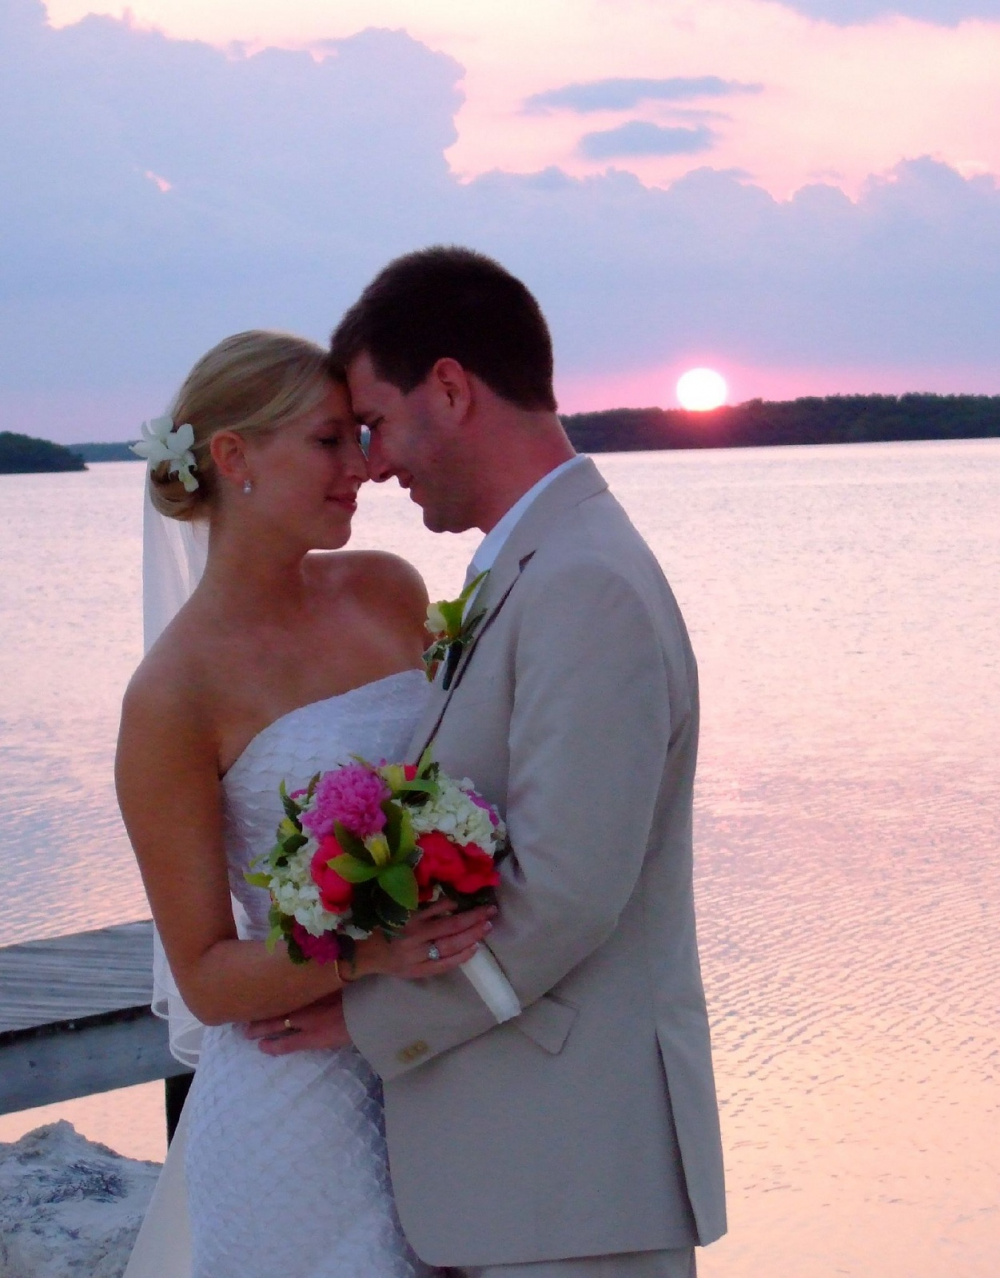 Πέντε φωτογραφίες γάμου προς αποφυγή